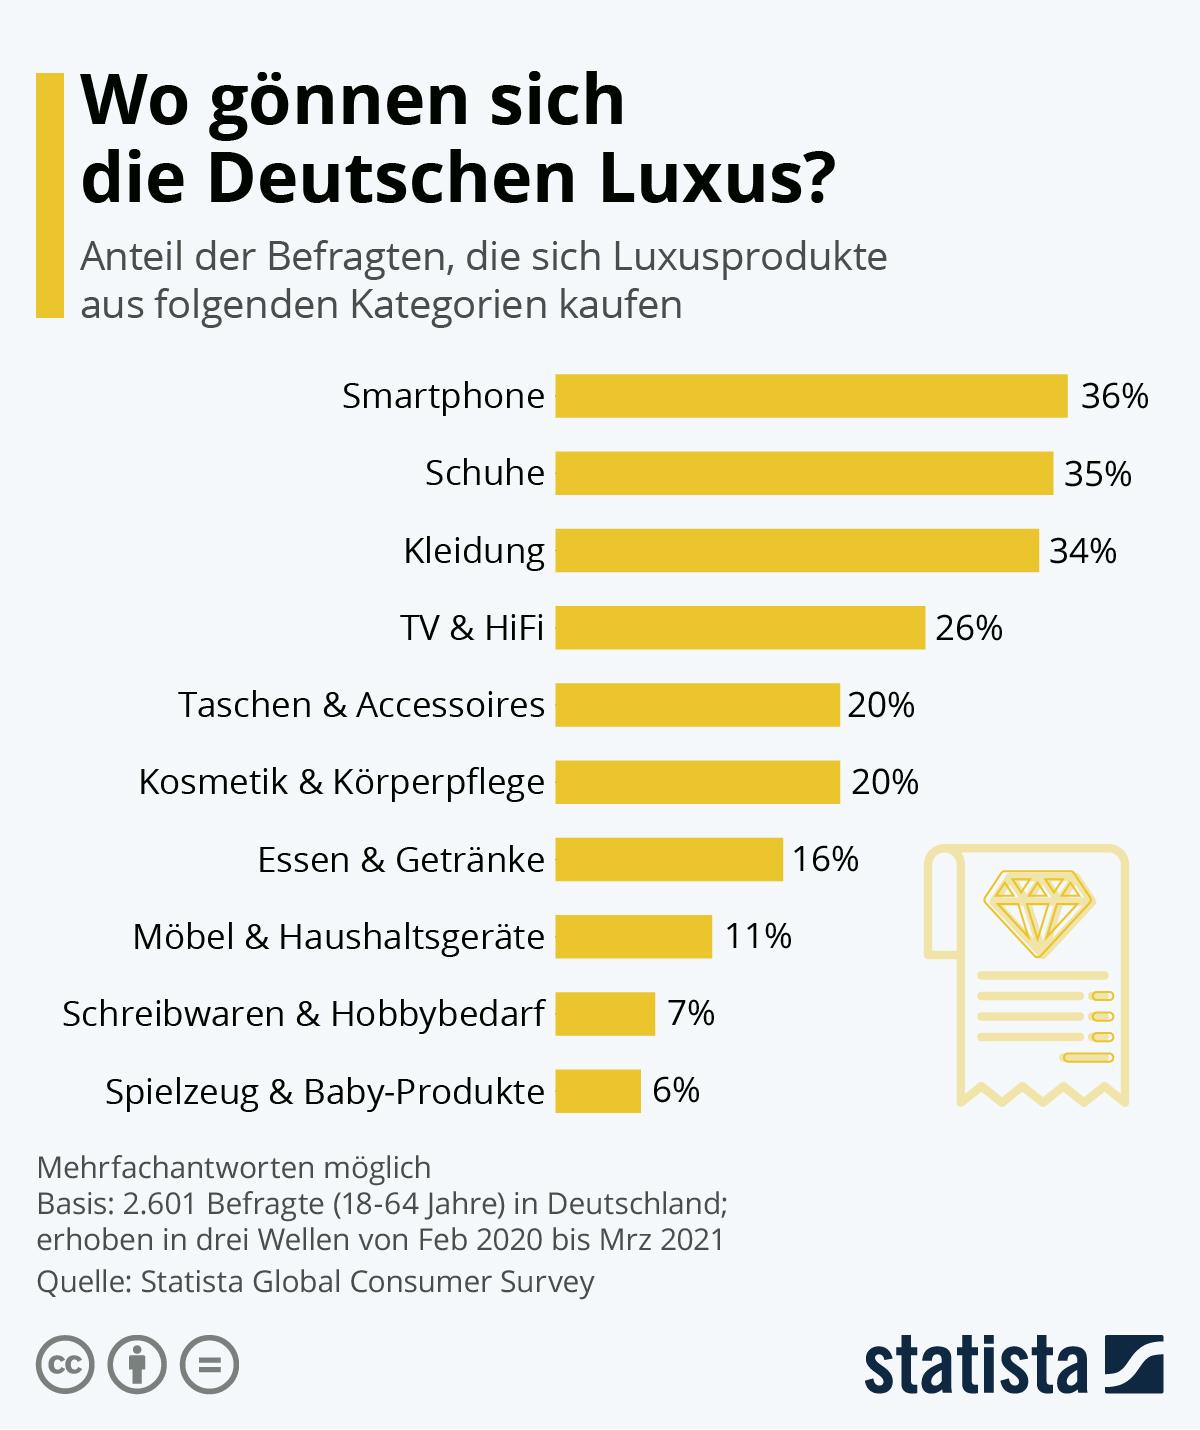 Infografik: Wo gönnen sich die Deutschen Luxus?   Statista